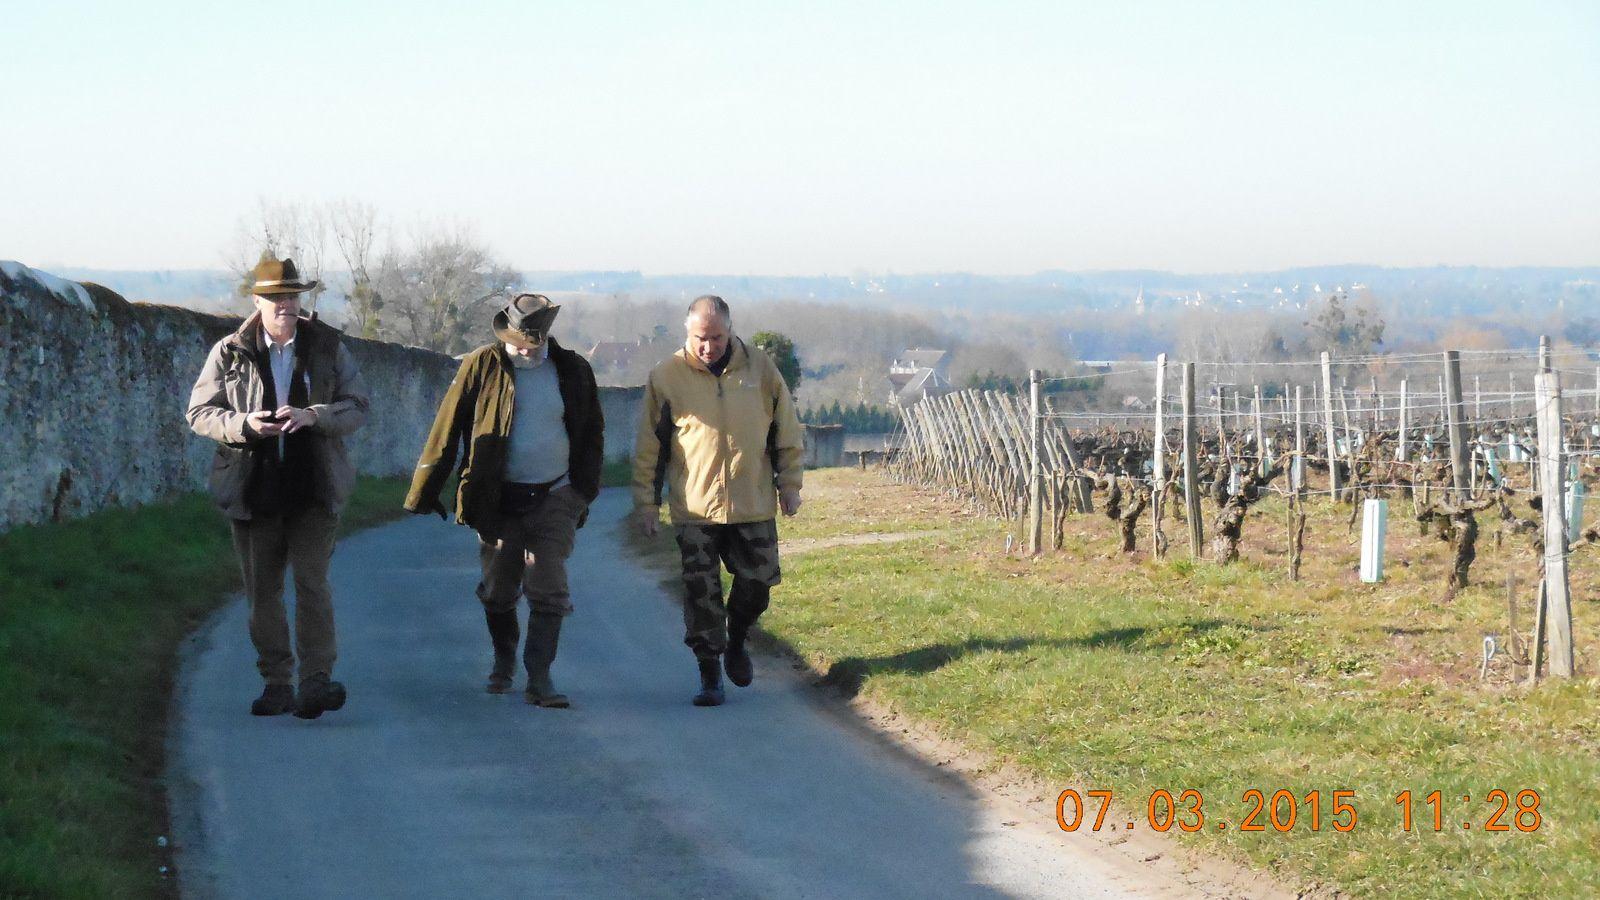 Activité AALE 37 du 7 mars 2015 : Marche suivie d'un repas convivial au stand de tir de Montlouis sur Loire